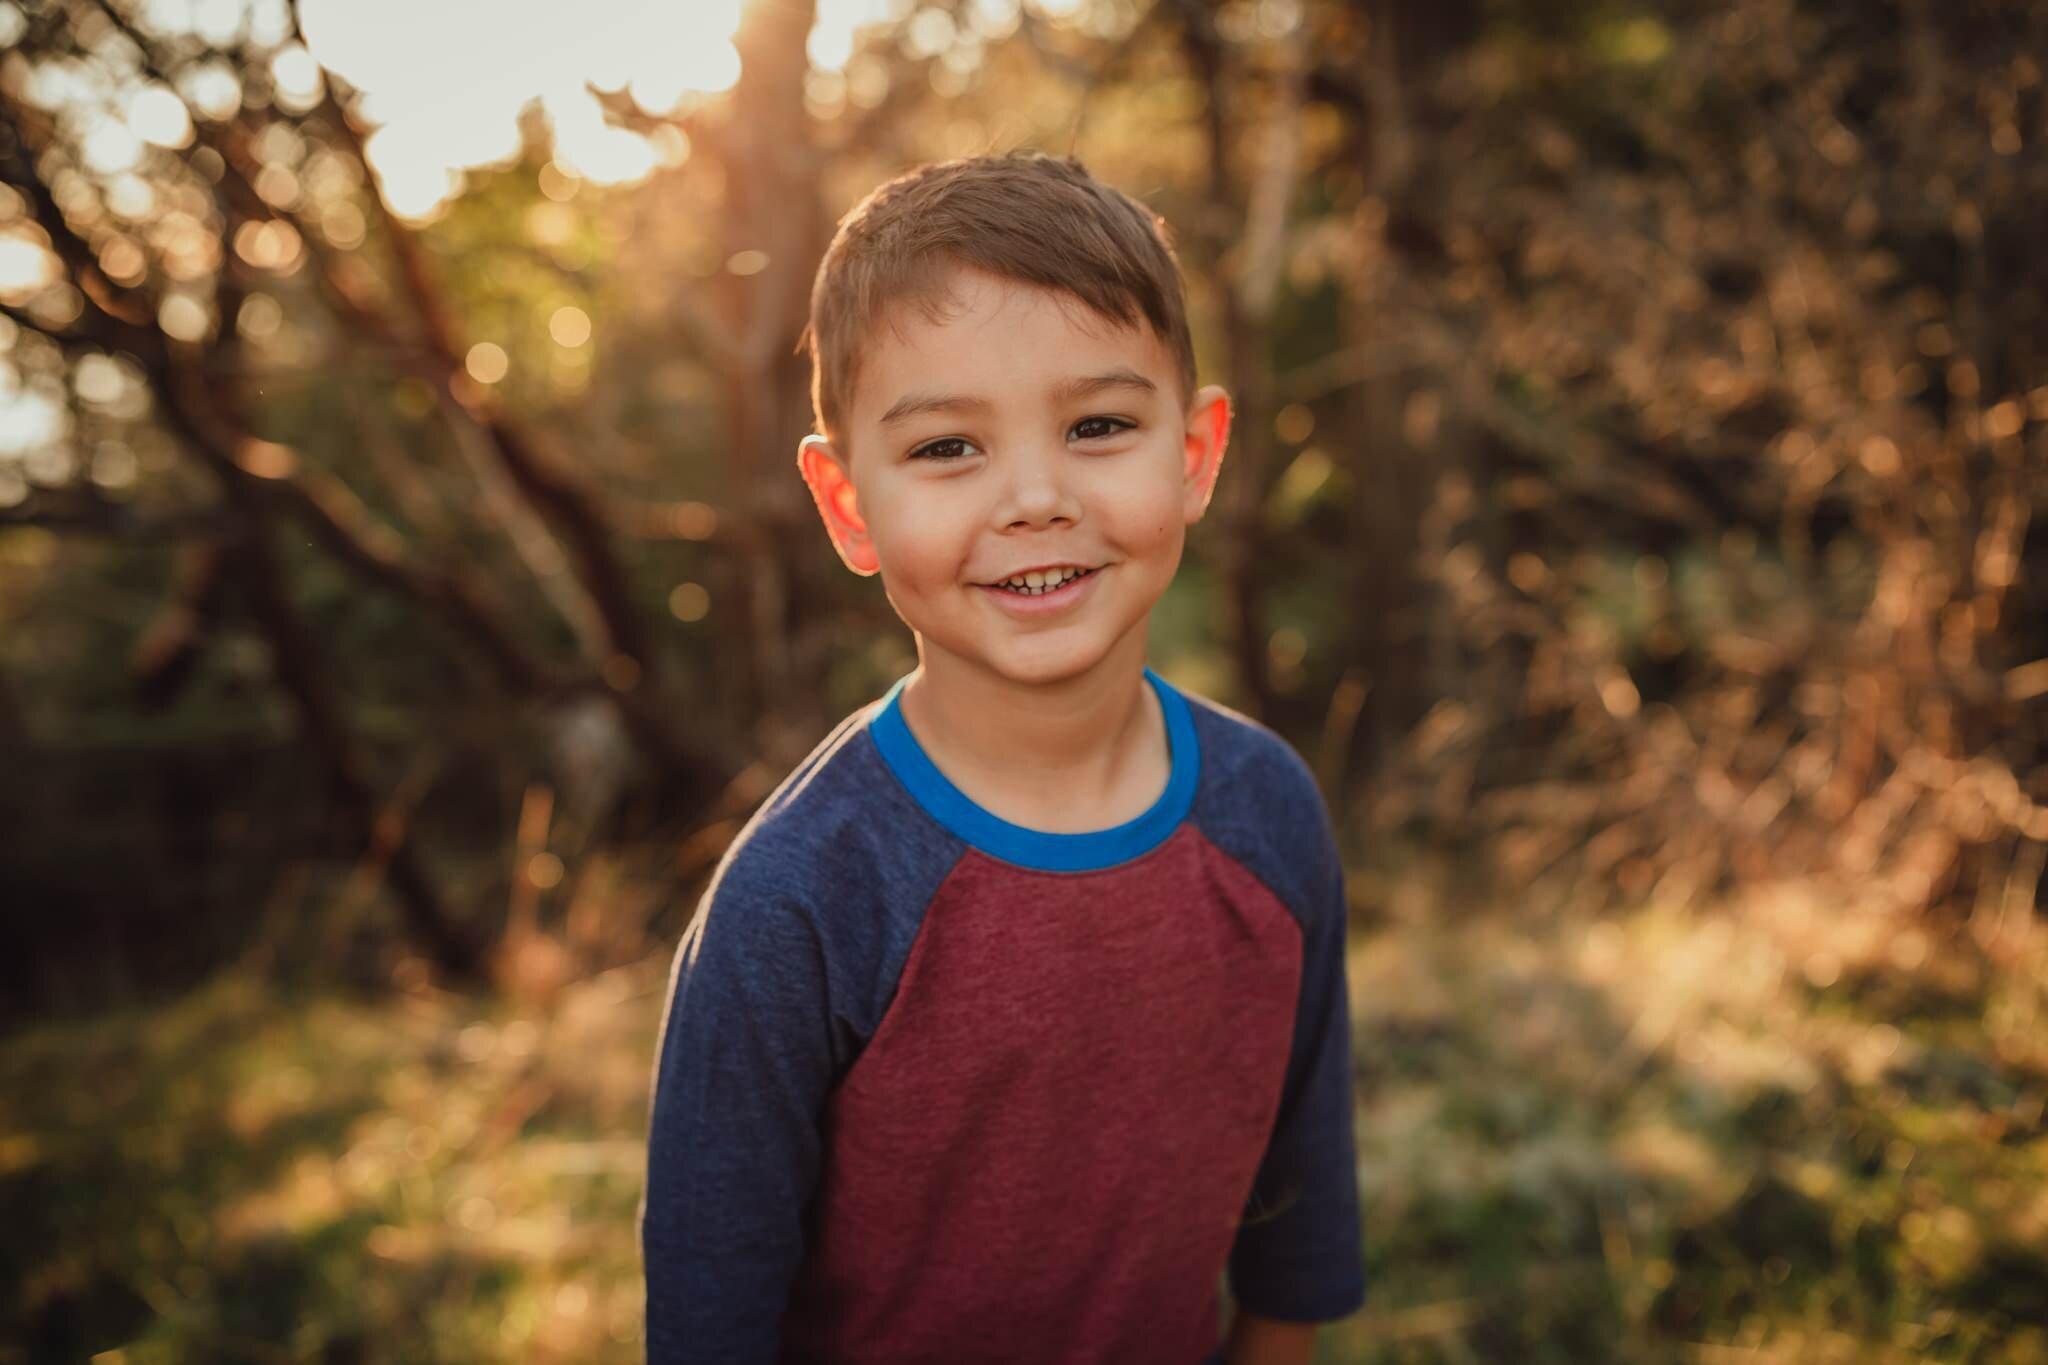 adorable boy smiles during photo shoot